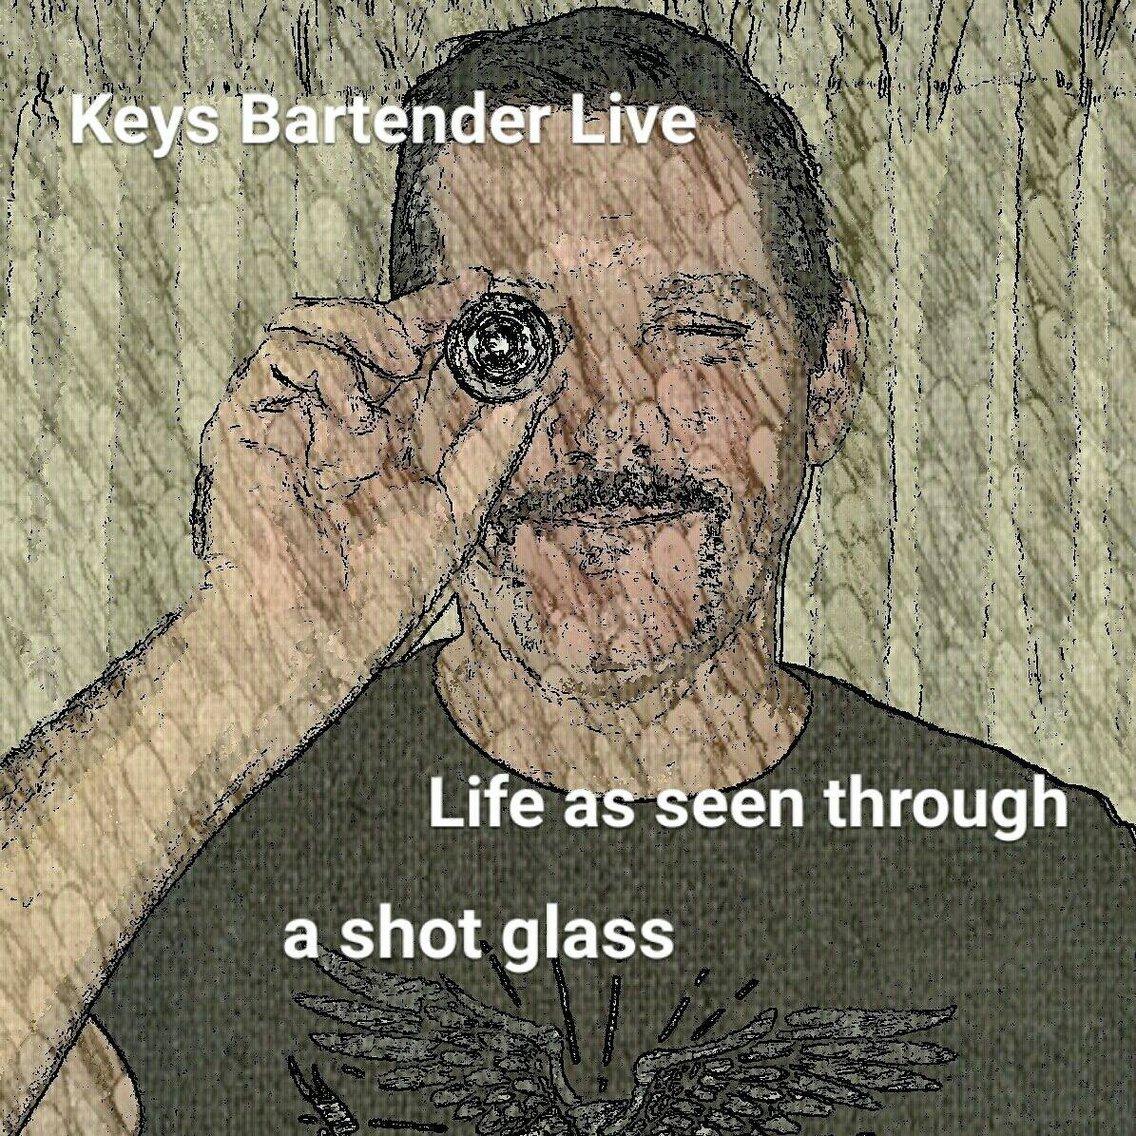 Keys Bartender - Cover Image